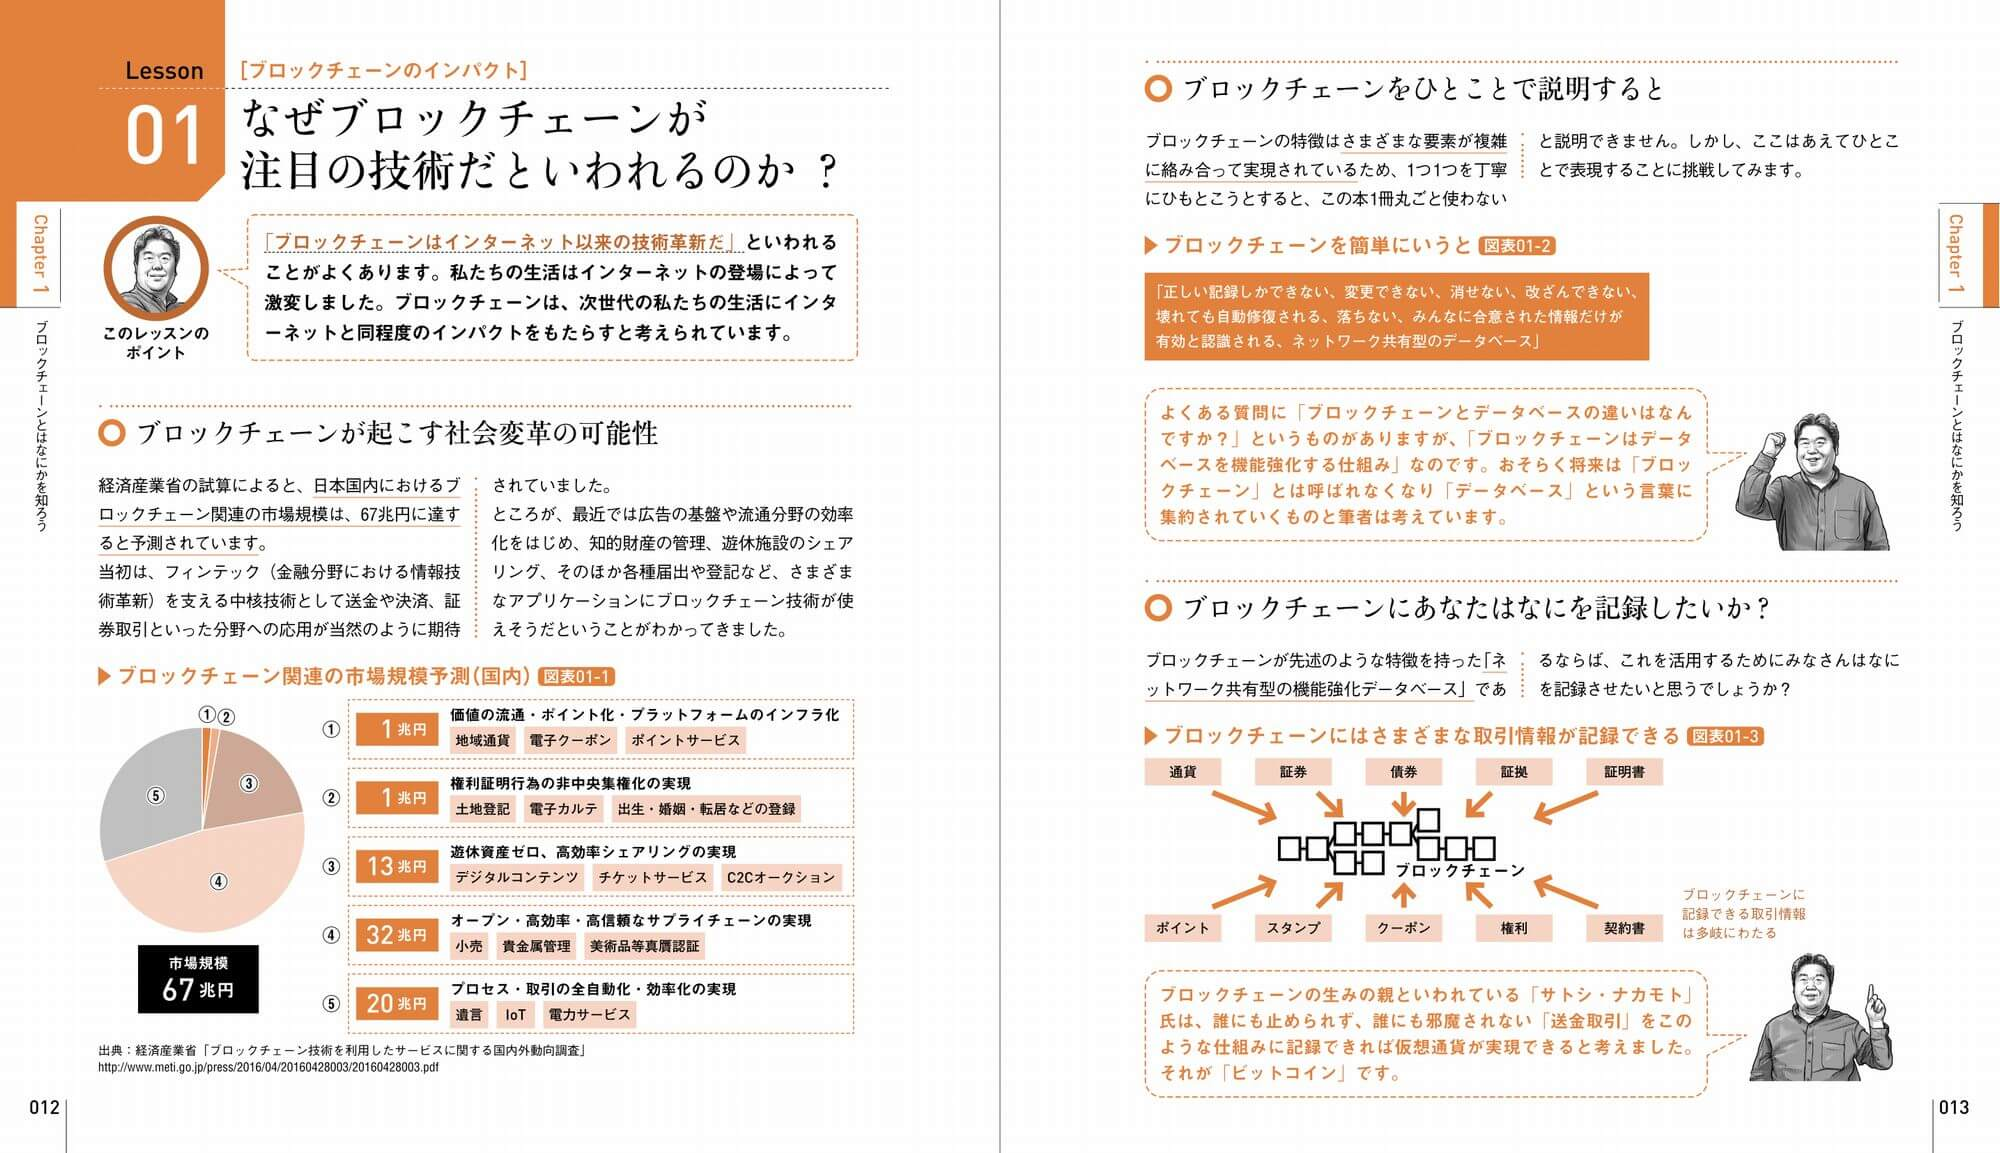 「いちばんやさしいブロックチェーンの教本 人気講師が教えるビットコインを支える仕組み」紙面イメージ(1)